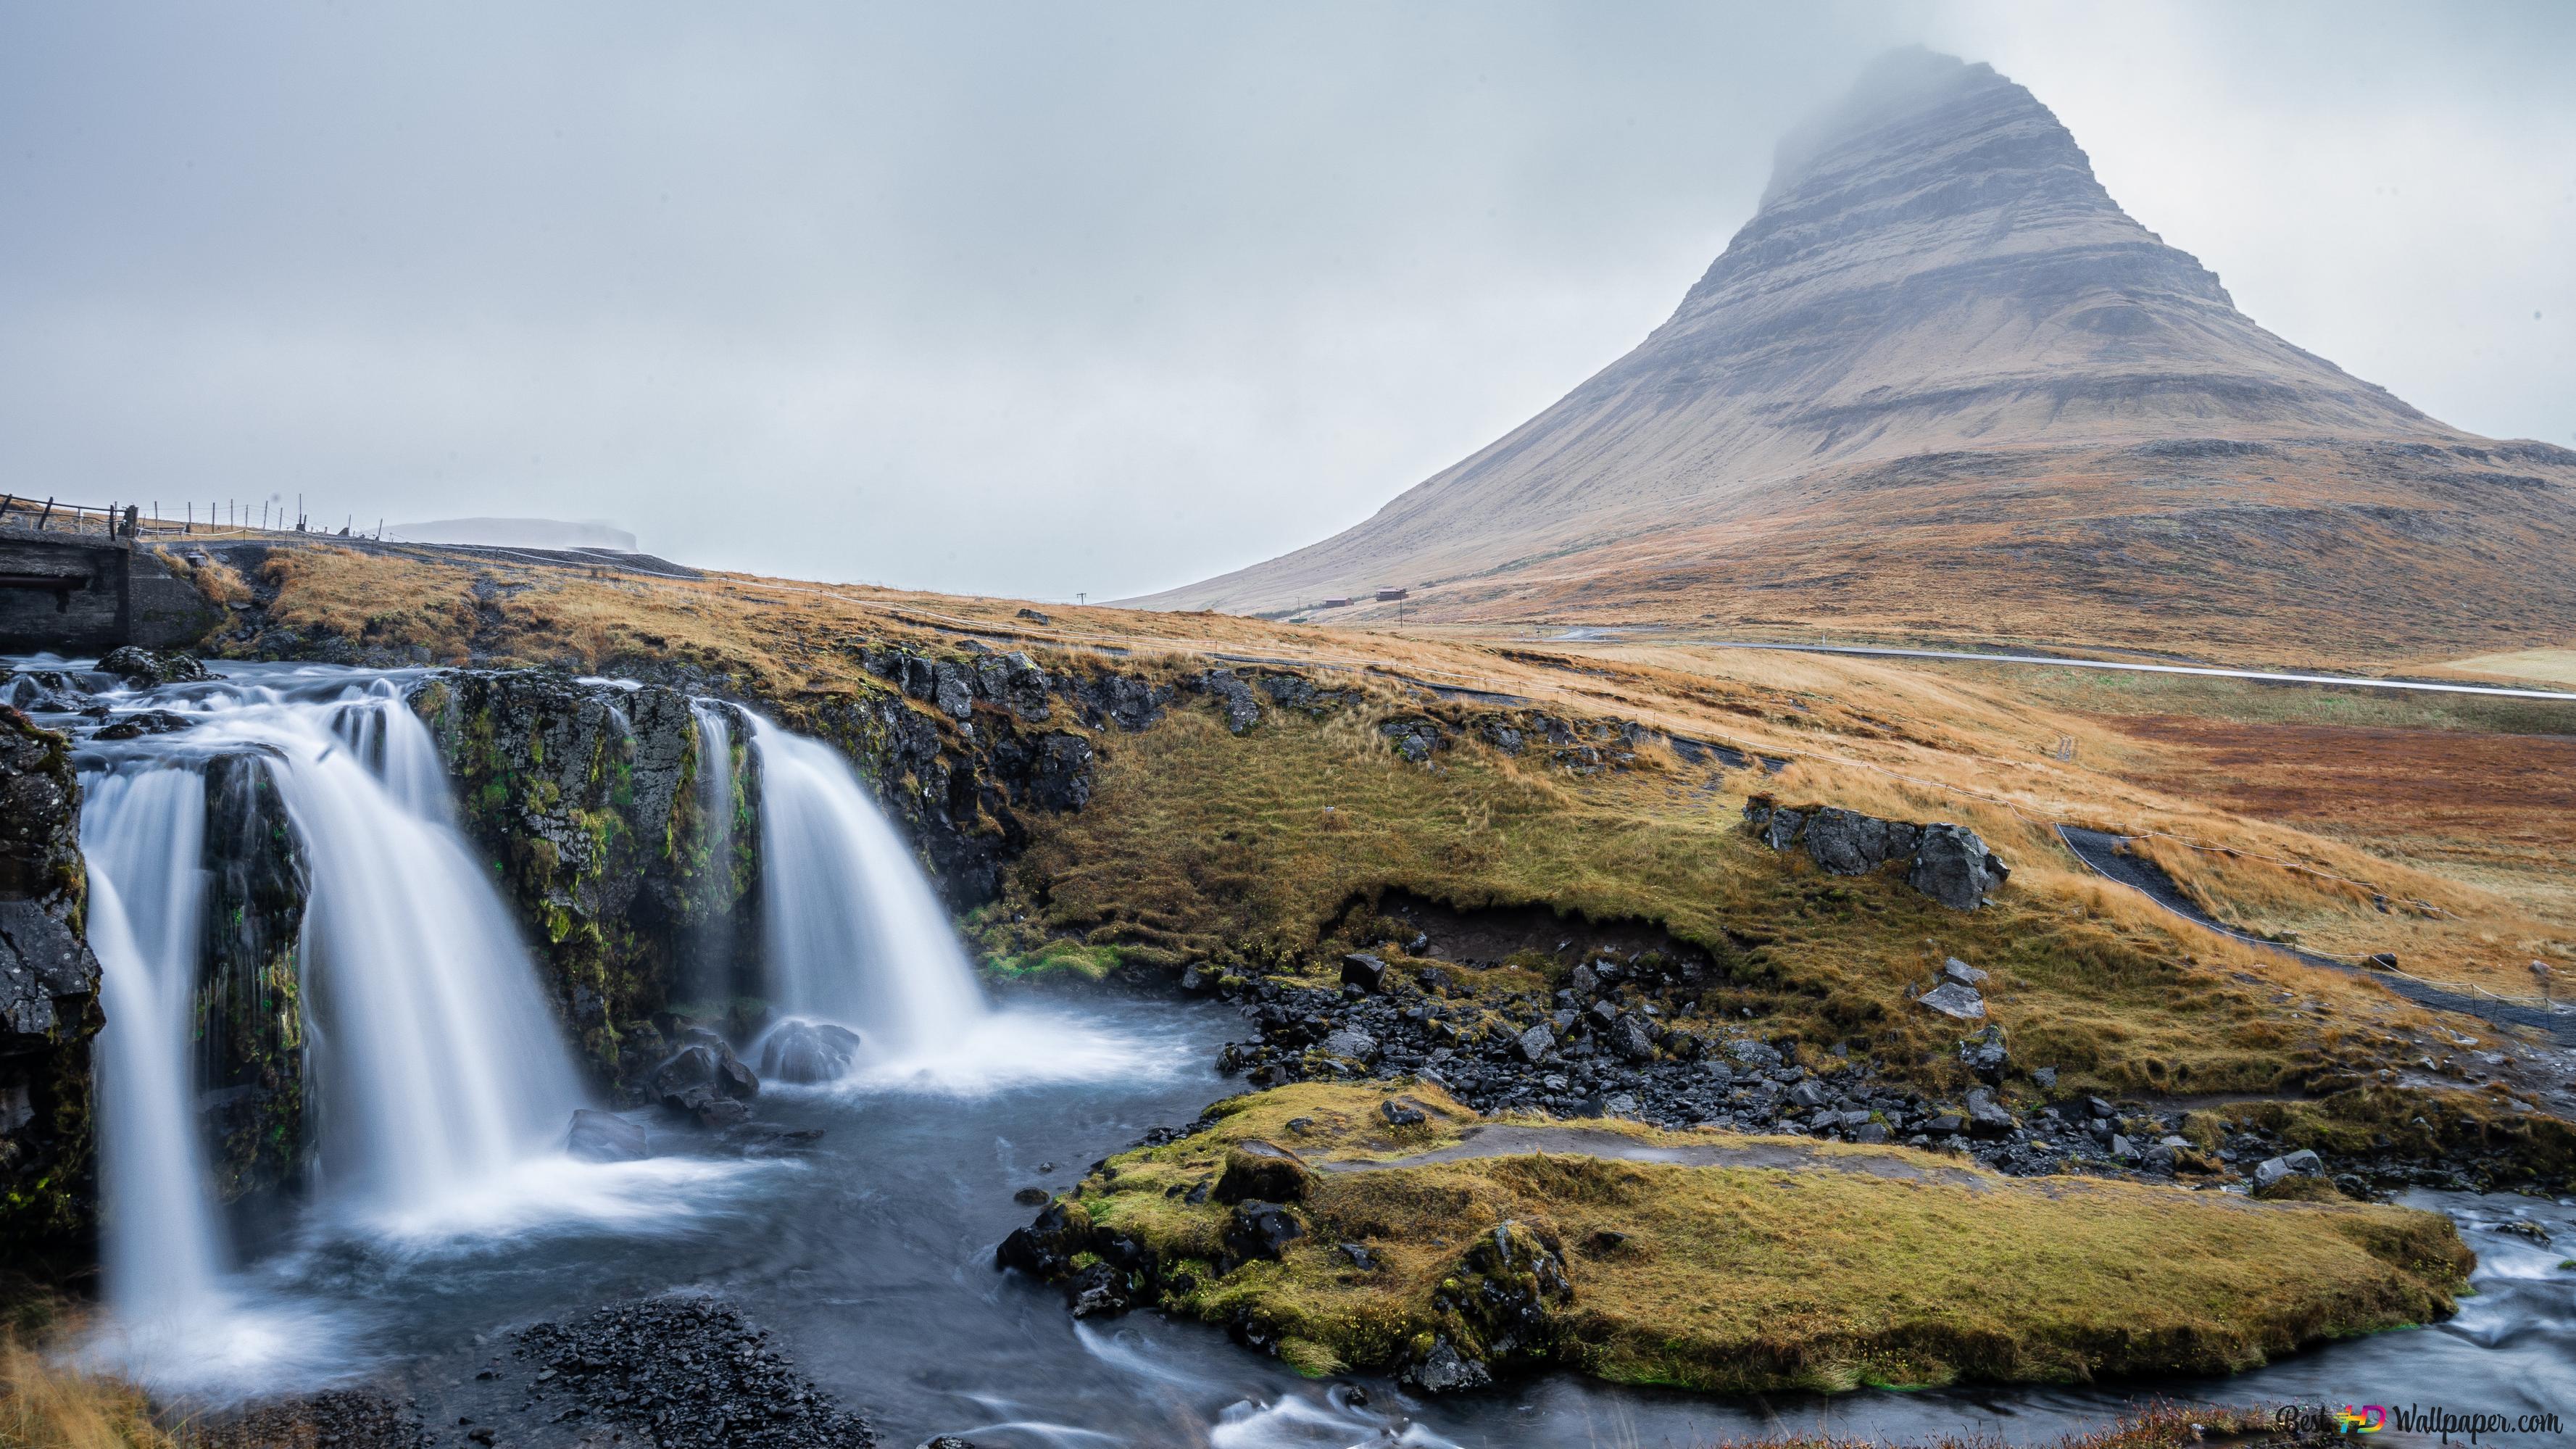 Kirkjufell Iceland 6k Hd Wallpaper Download